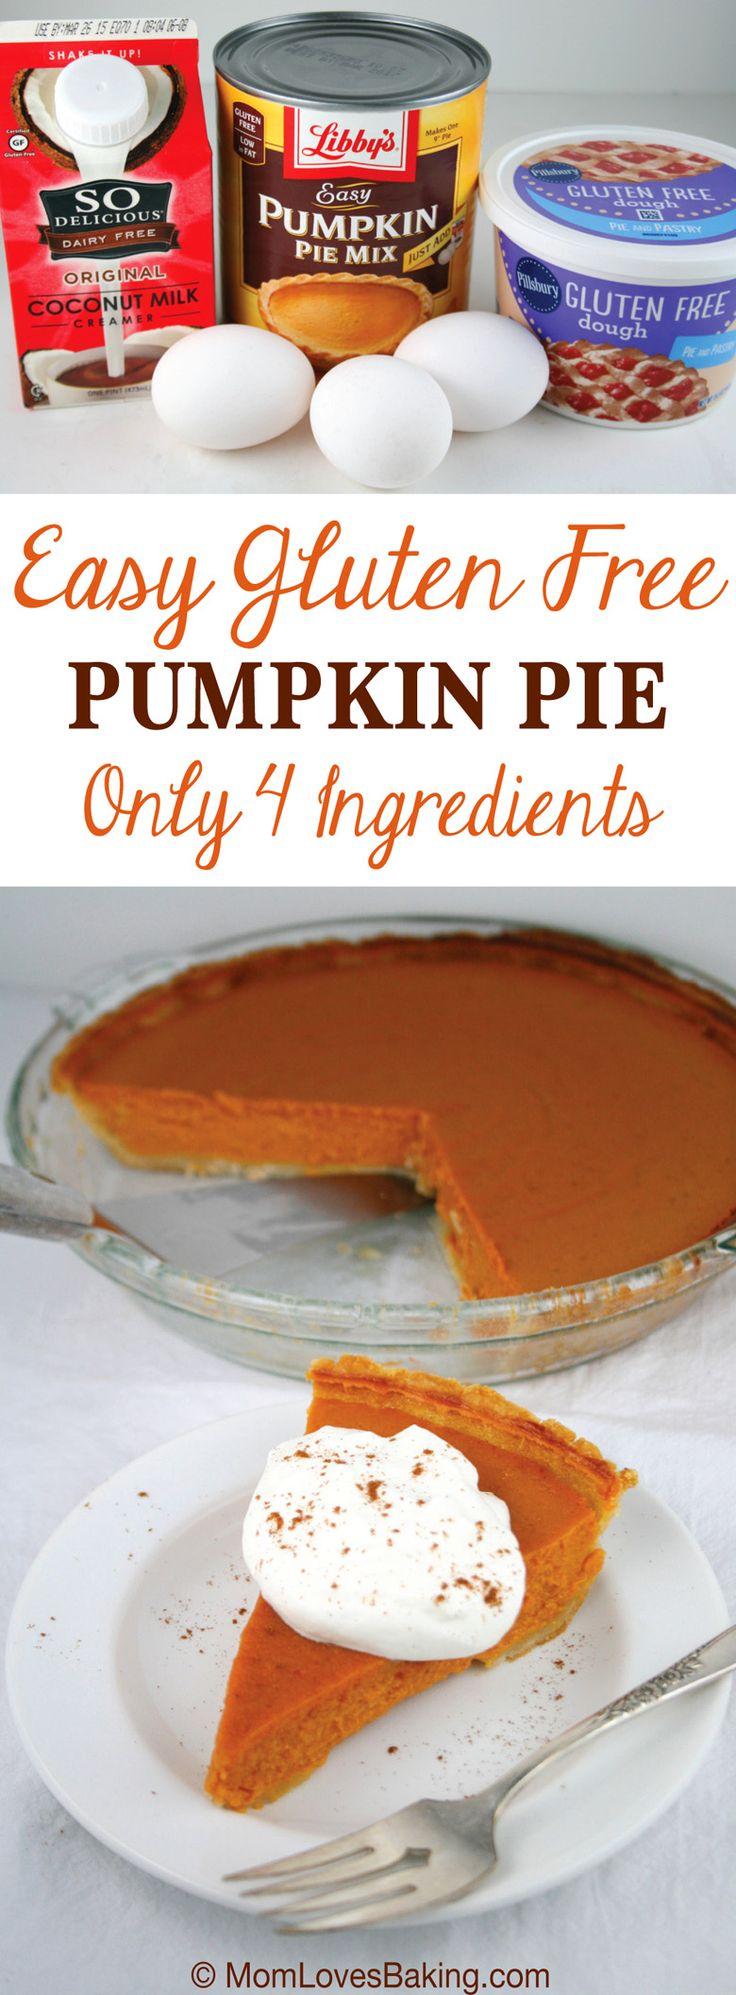 Easy Gluten Free Pumpkin Pie - Only 4 ingredients! #pumpkinpie #glutenfree